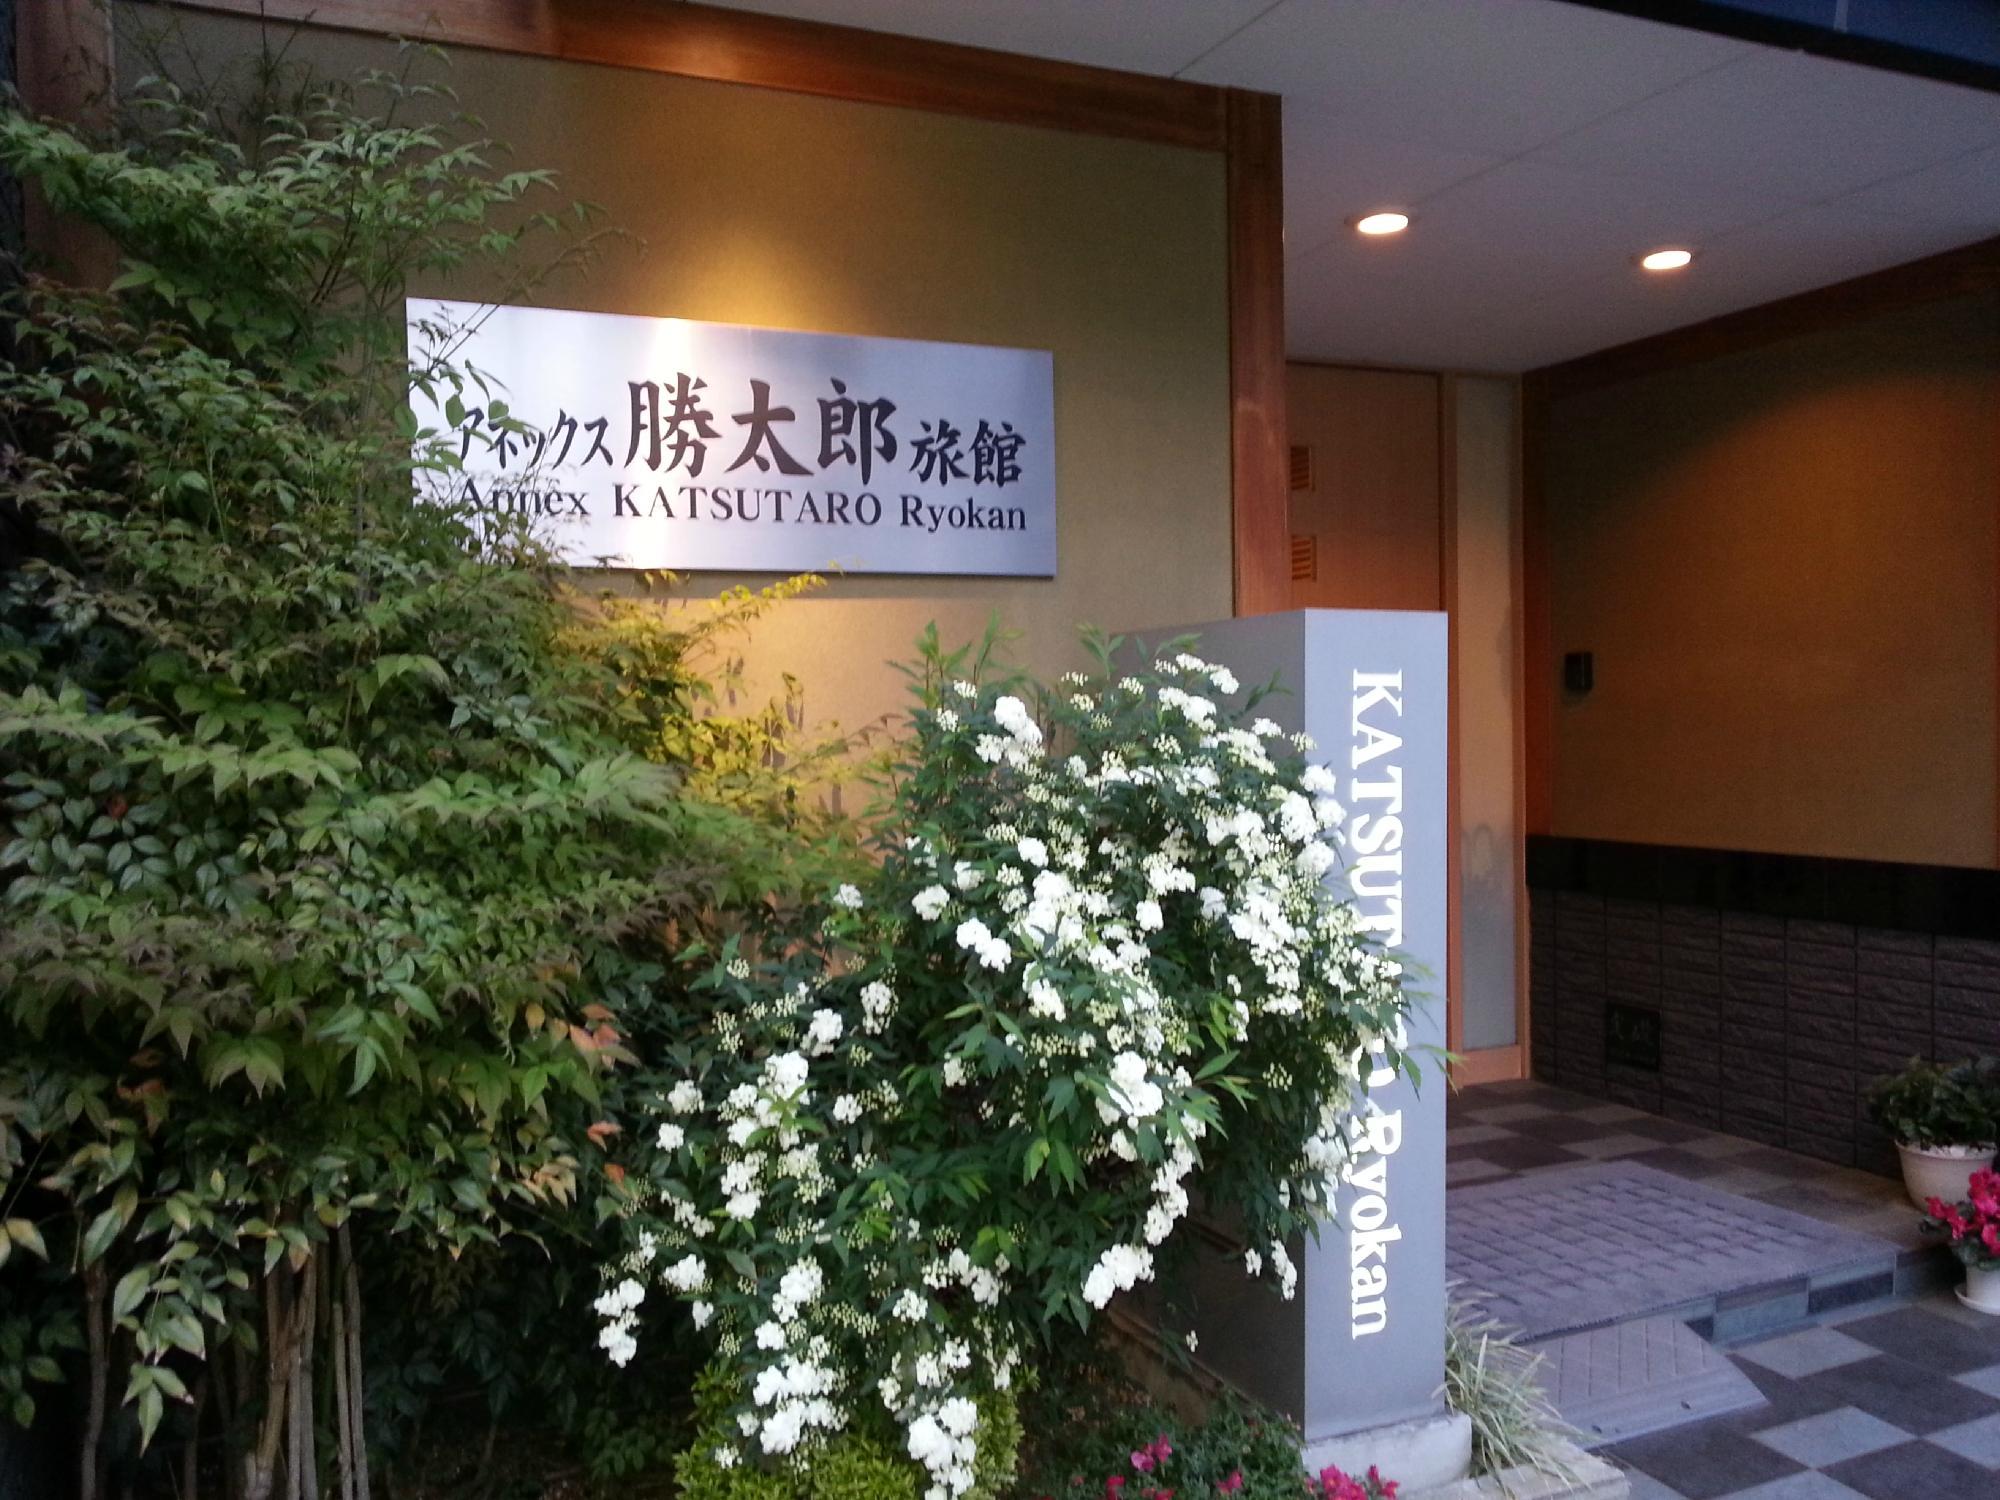 Annex Katsutaro